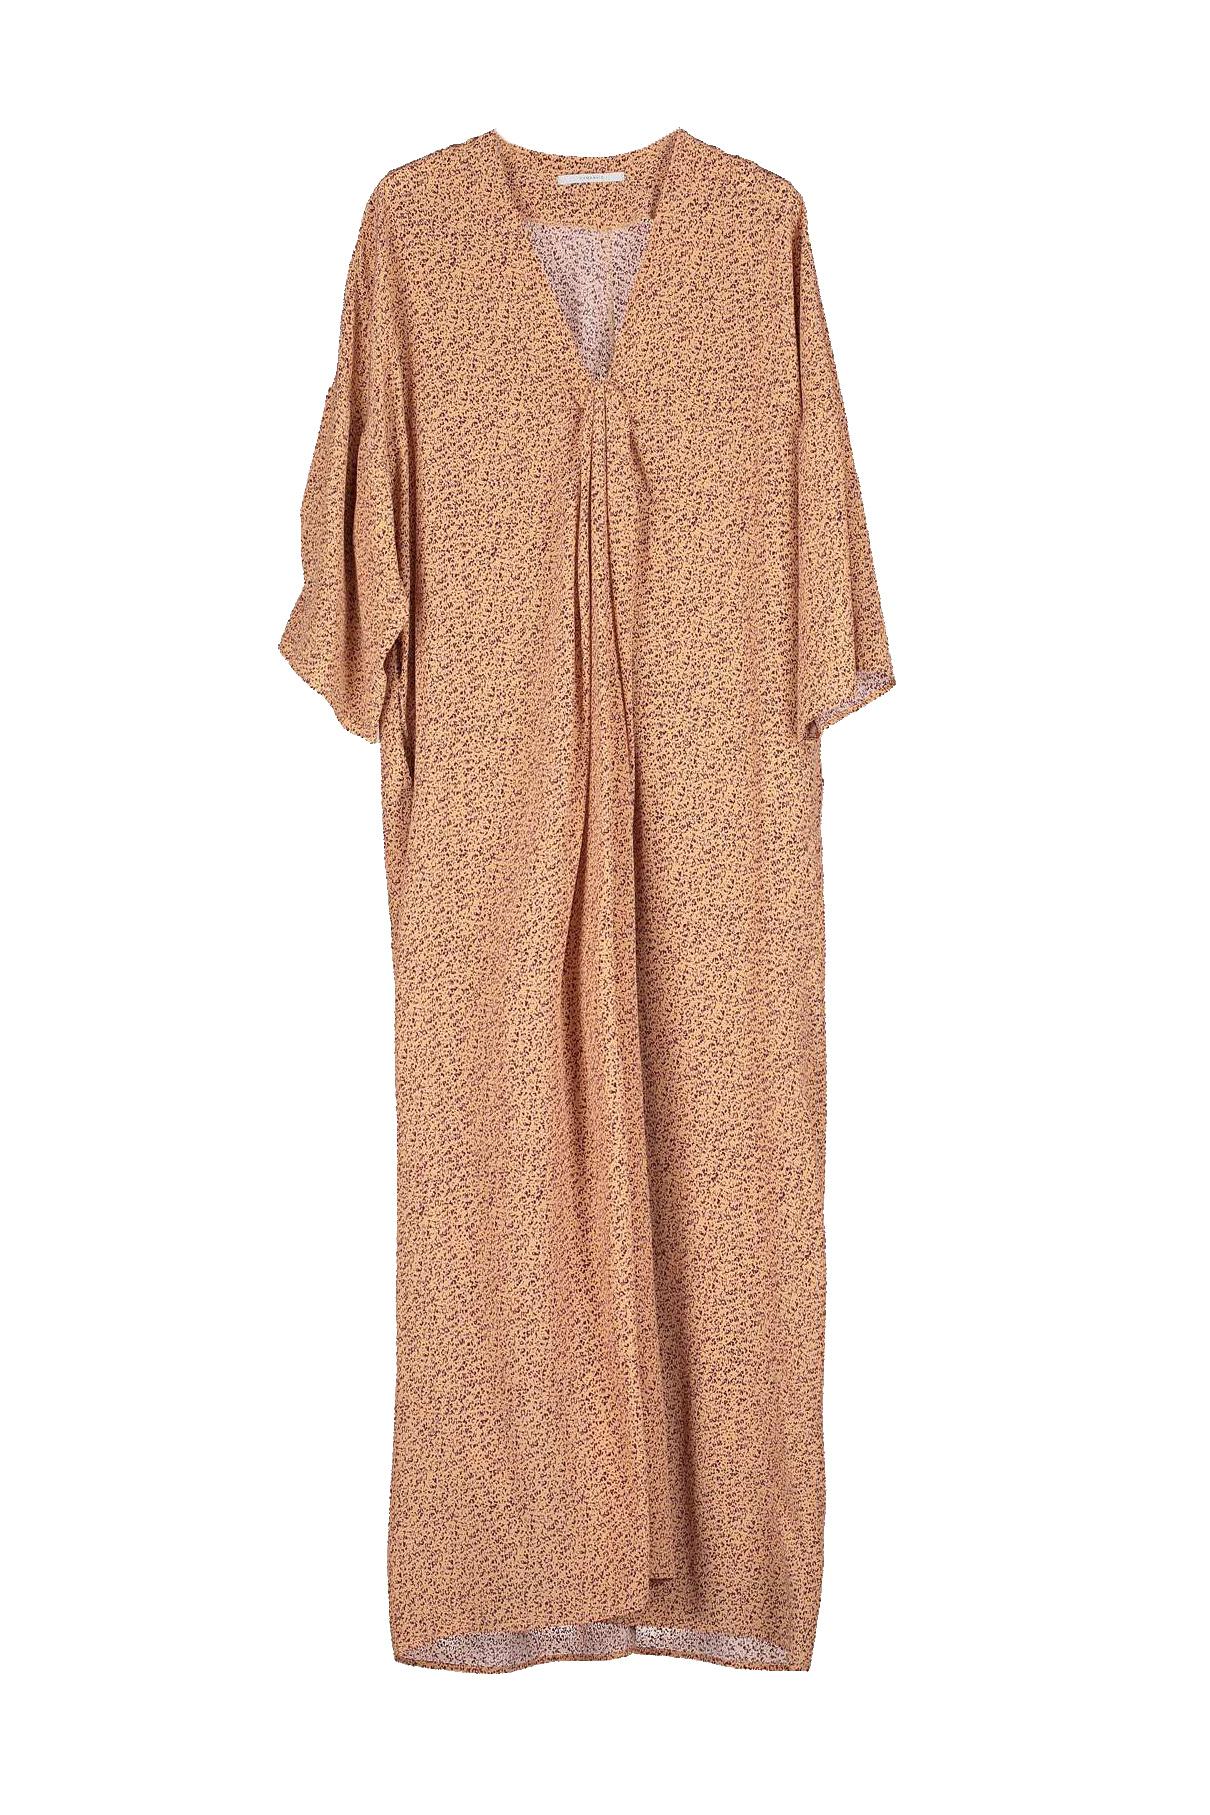 Bless Print Dress - Apricot-1